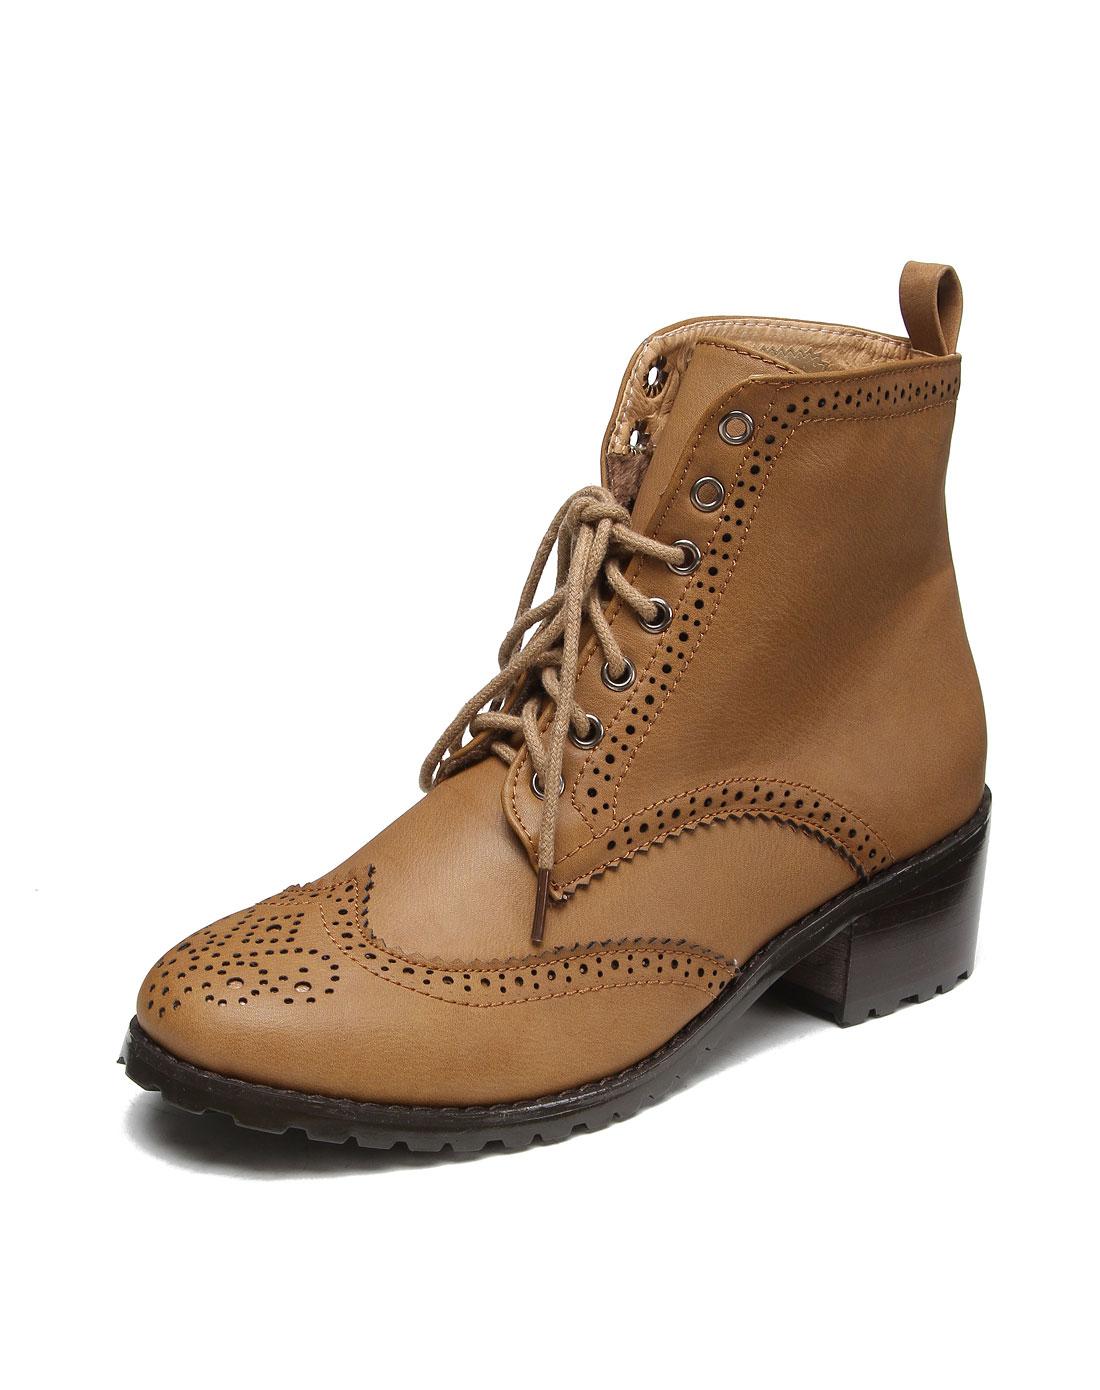 系带雕花浅棕色休闲短靴